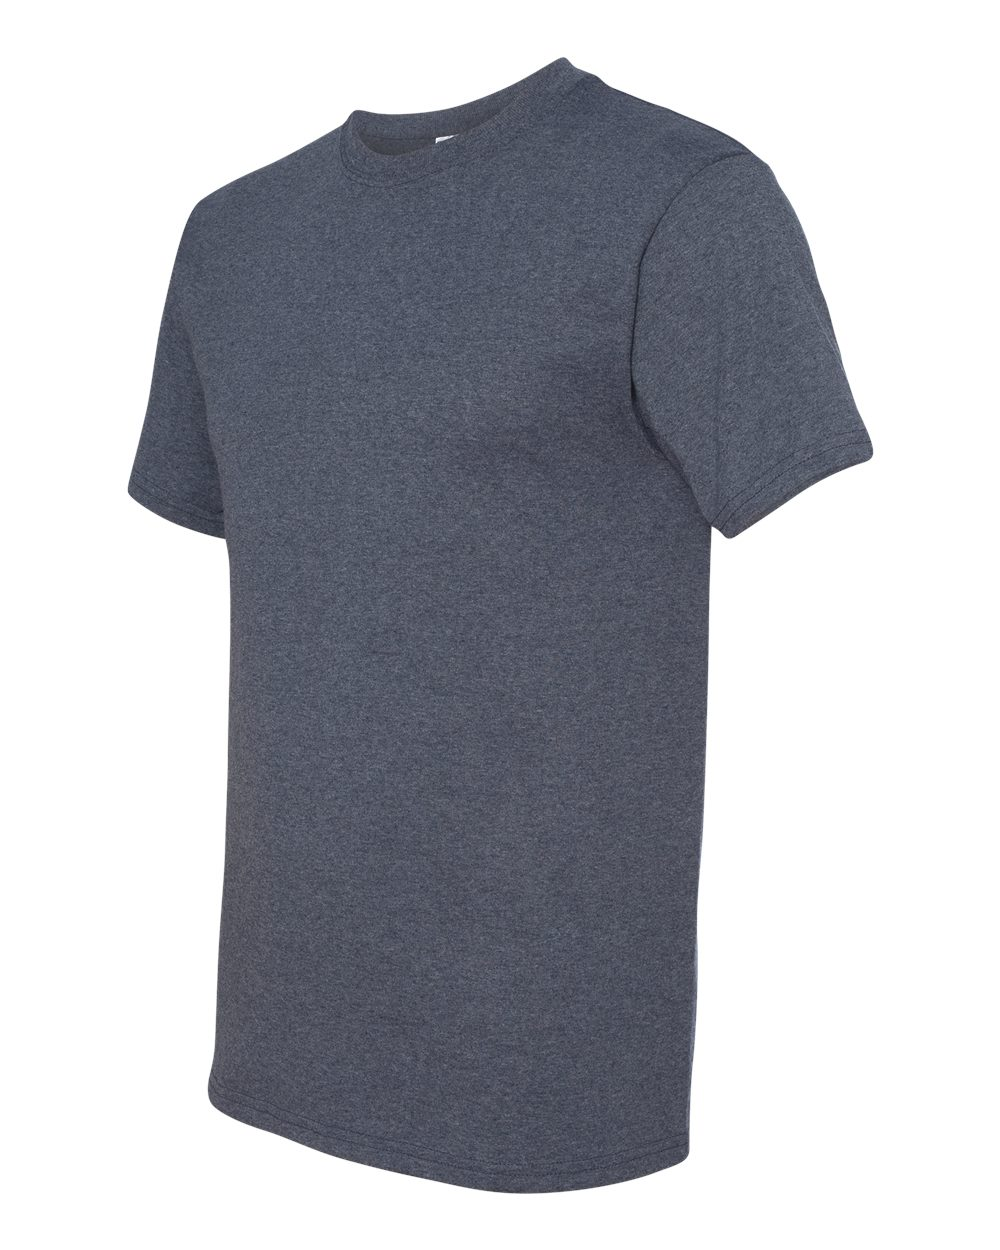 Jerzees-Men-039-s-5-6-oz-50-50-Heavyweight-Blend-T-Shirt-29M-S-4XL thumbnail 39